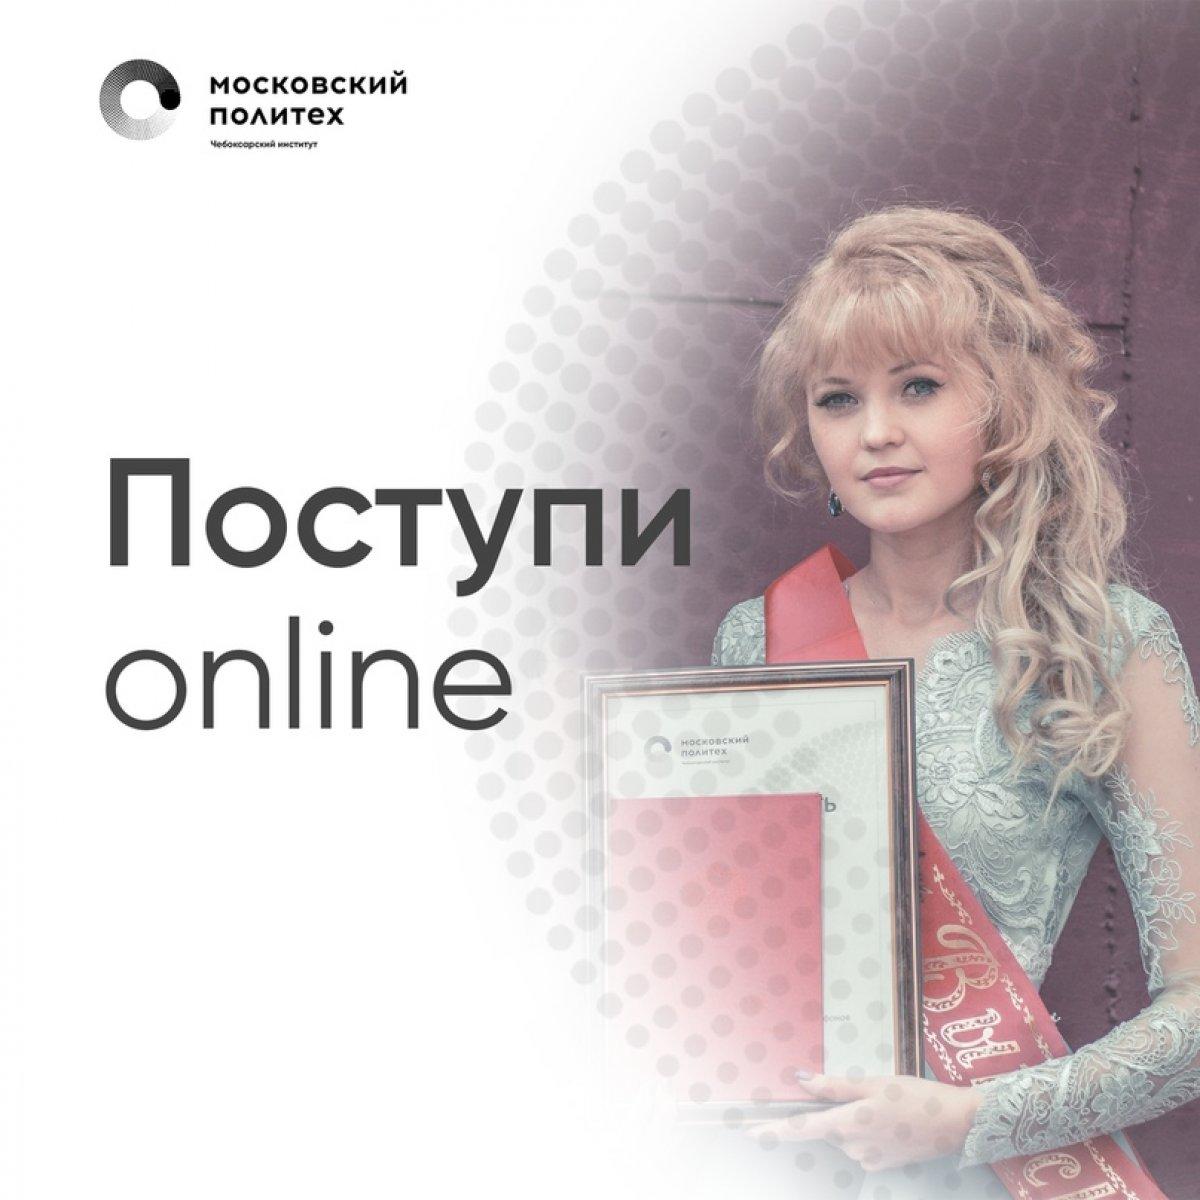 Приемная комиссия Чебоксарского института (филиала) Московского политехнического университета начнет прием документов от абитуриентов в электронной форме 20 июня 2020 года.